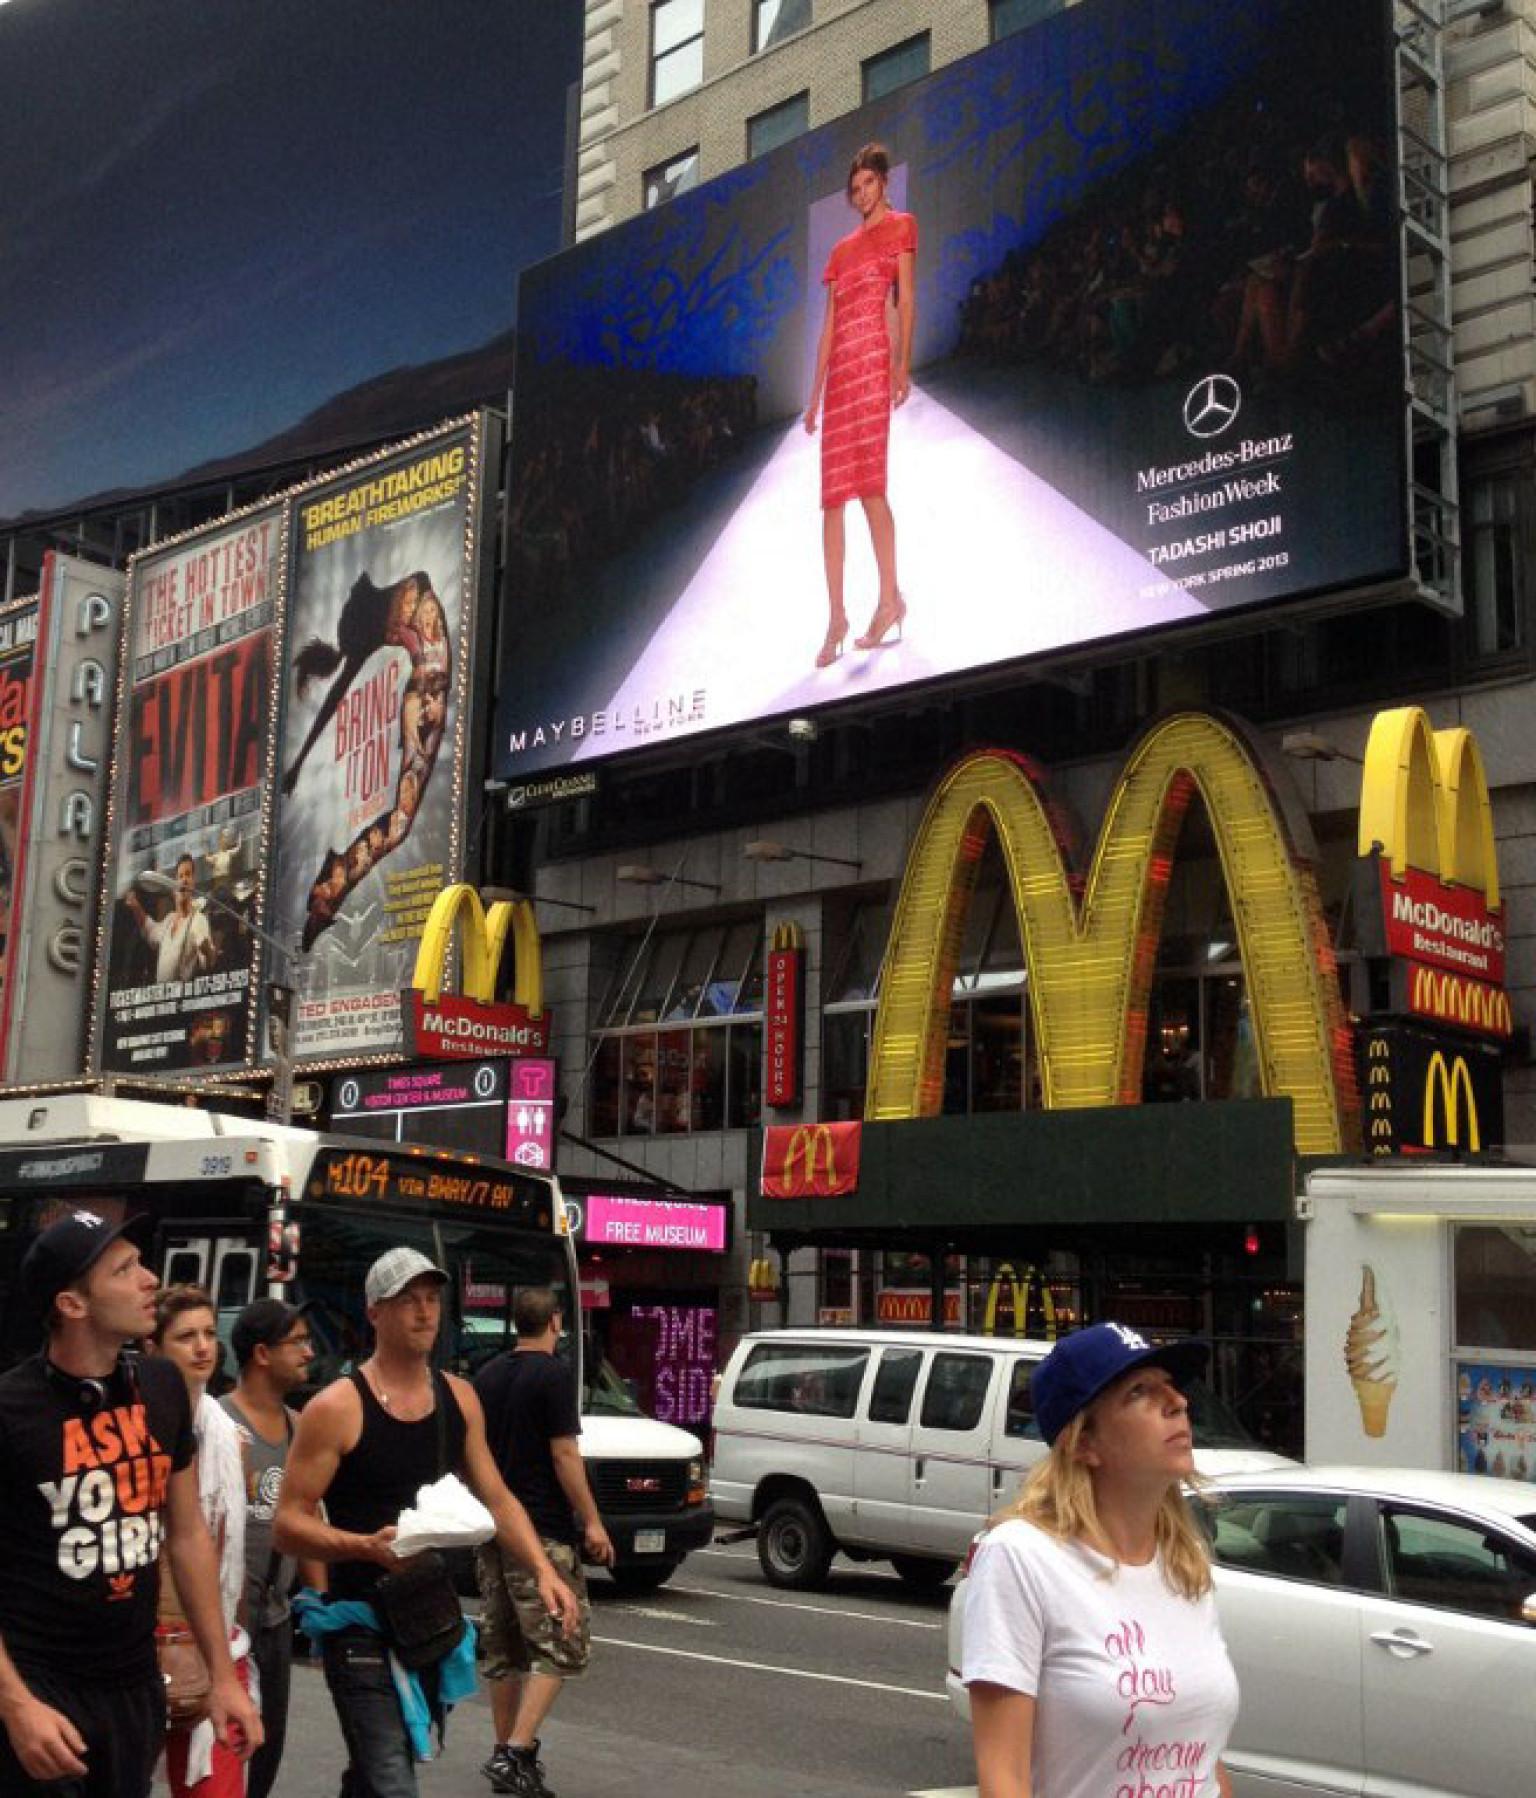 La semaine de mode de new york en direct sur cran g ant for Photo ecran times square